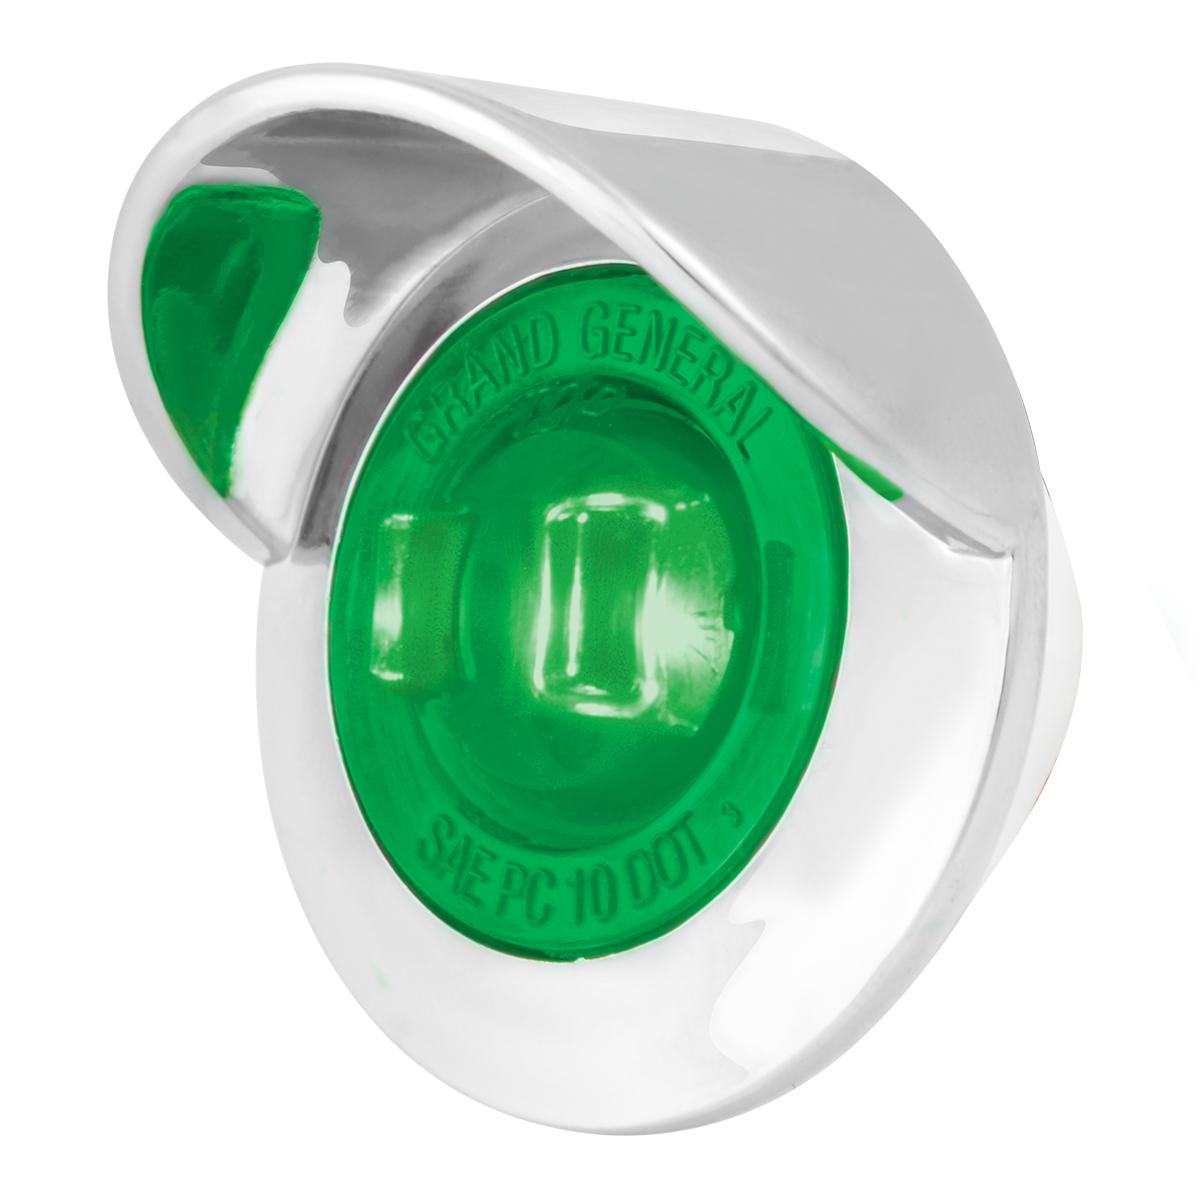 """75256 1"""" Dia. Mini Push/Screw-in Wide Angle LED Marker Light w/ Chrome Bezel & Visor"""